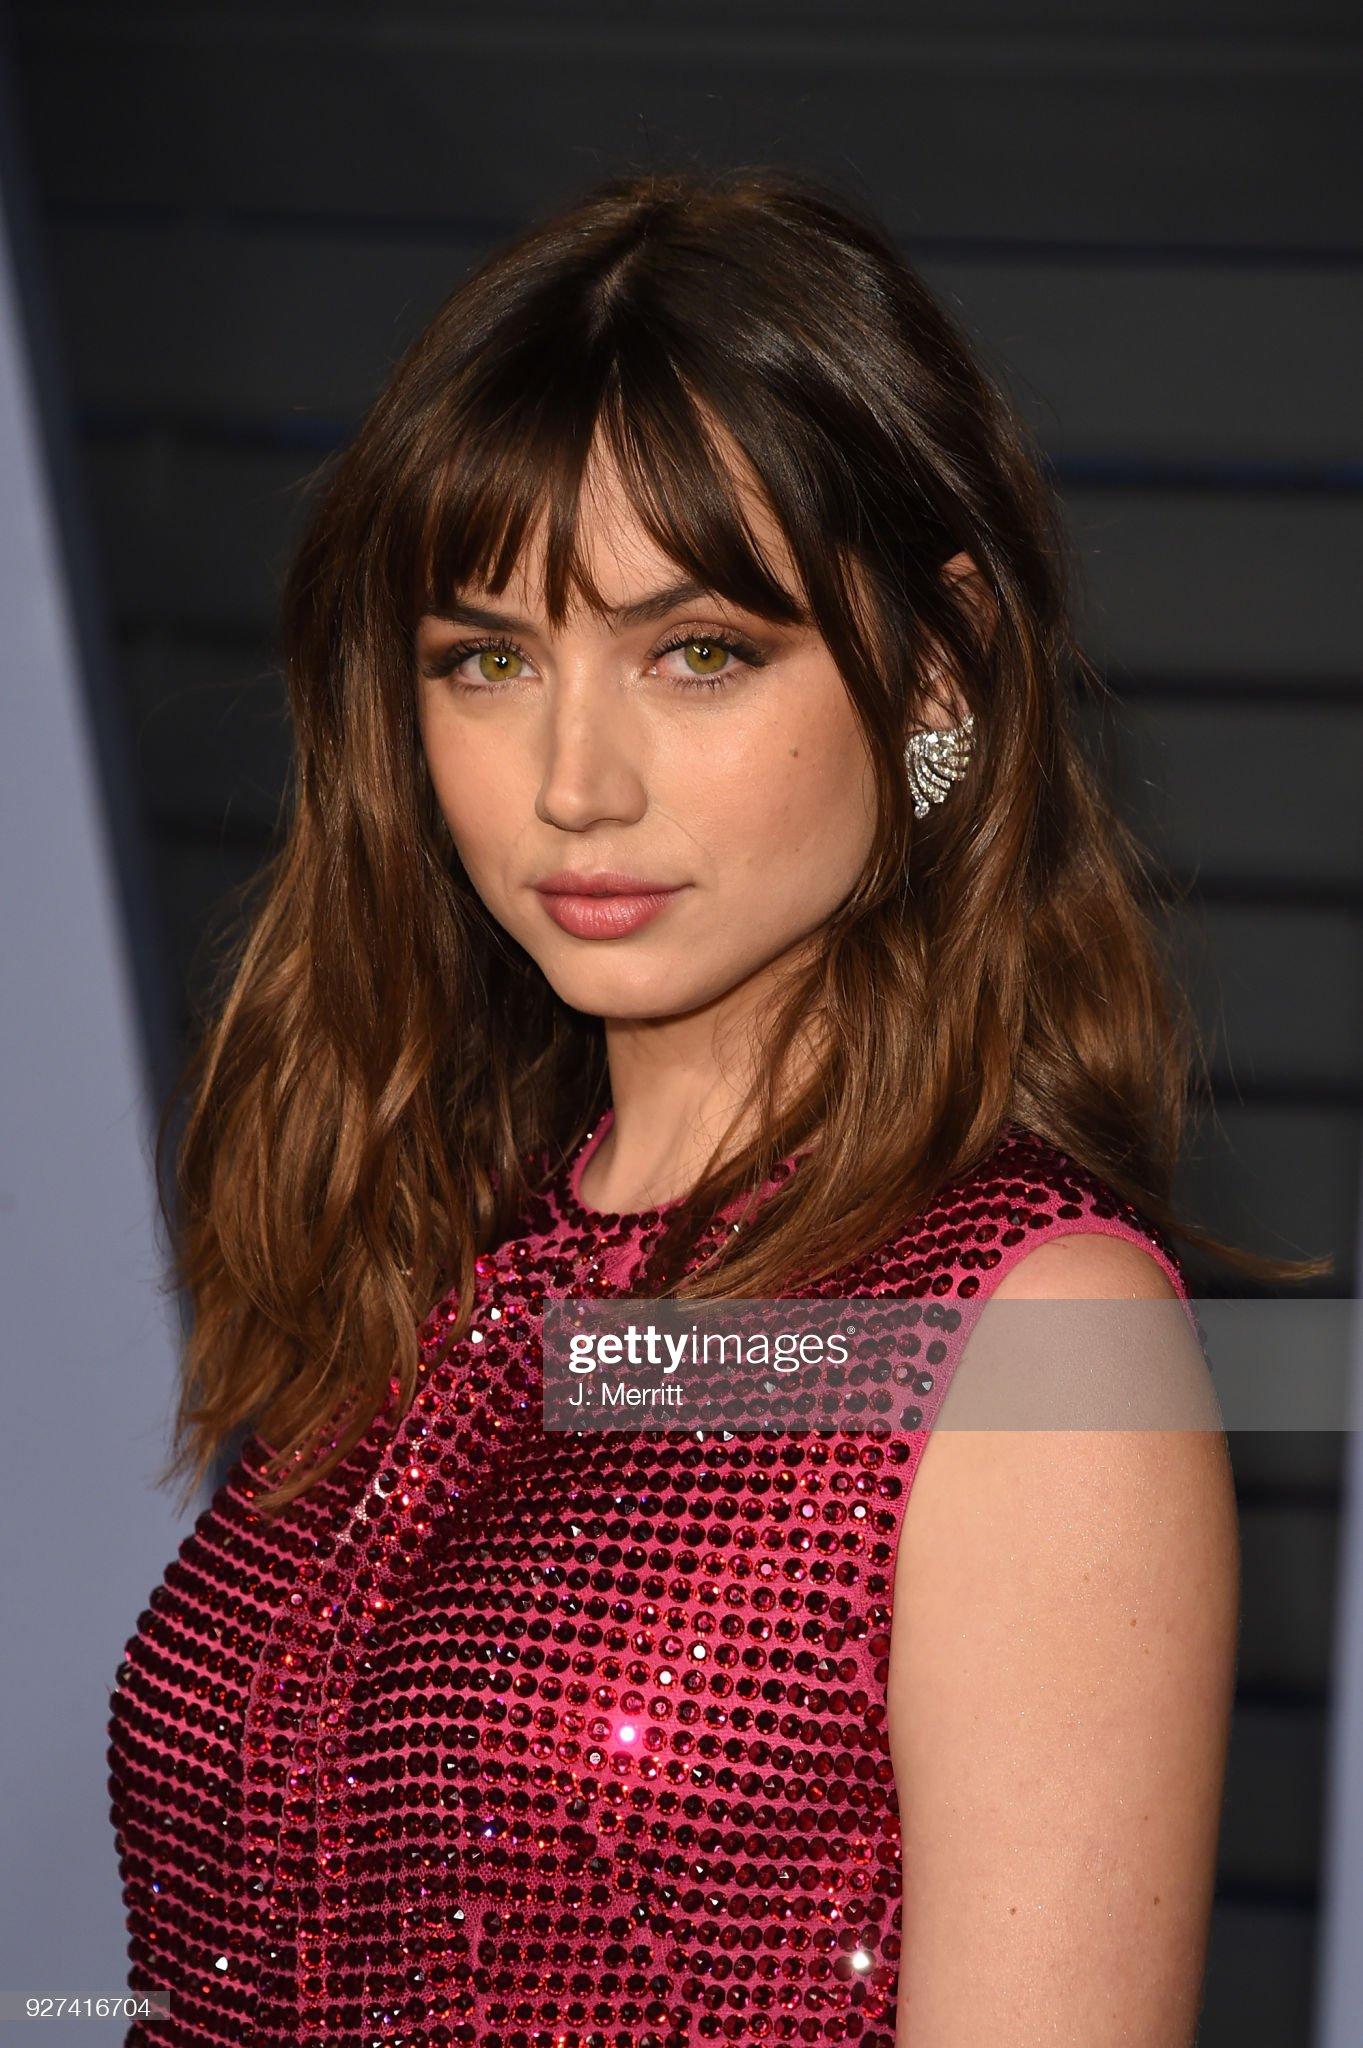 Hazel eyes - Personas famosas con los ojos de color AVELLANA Ana-de-armas-attends-the-2018-vanity-fair-oscar-party-hosted-by-at-picture-id927416704?s=2048x2048